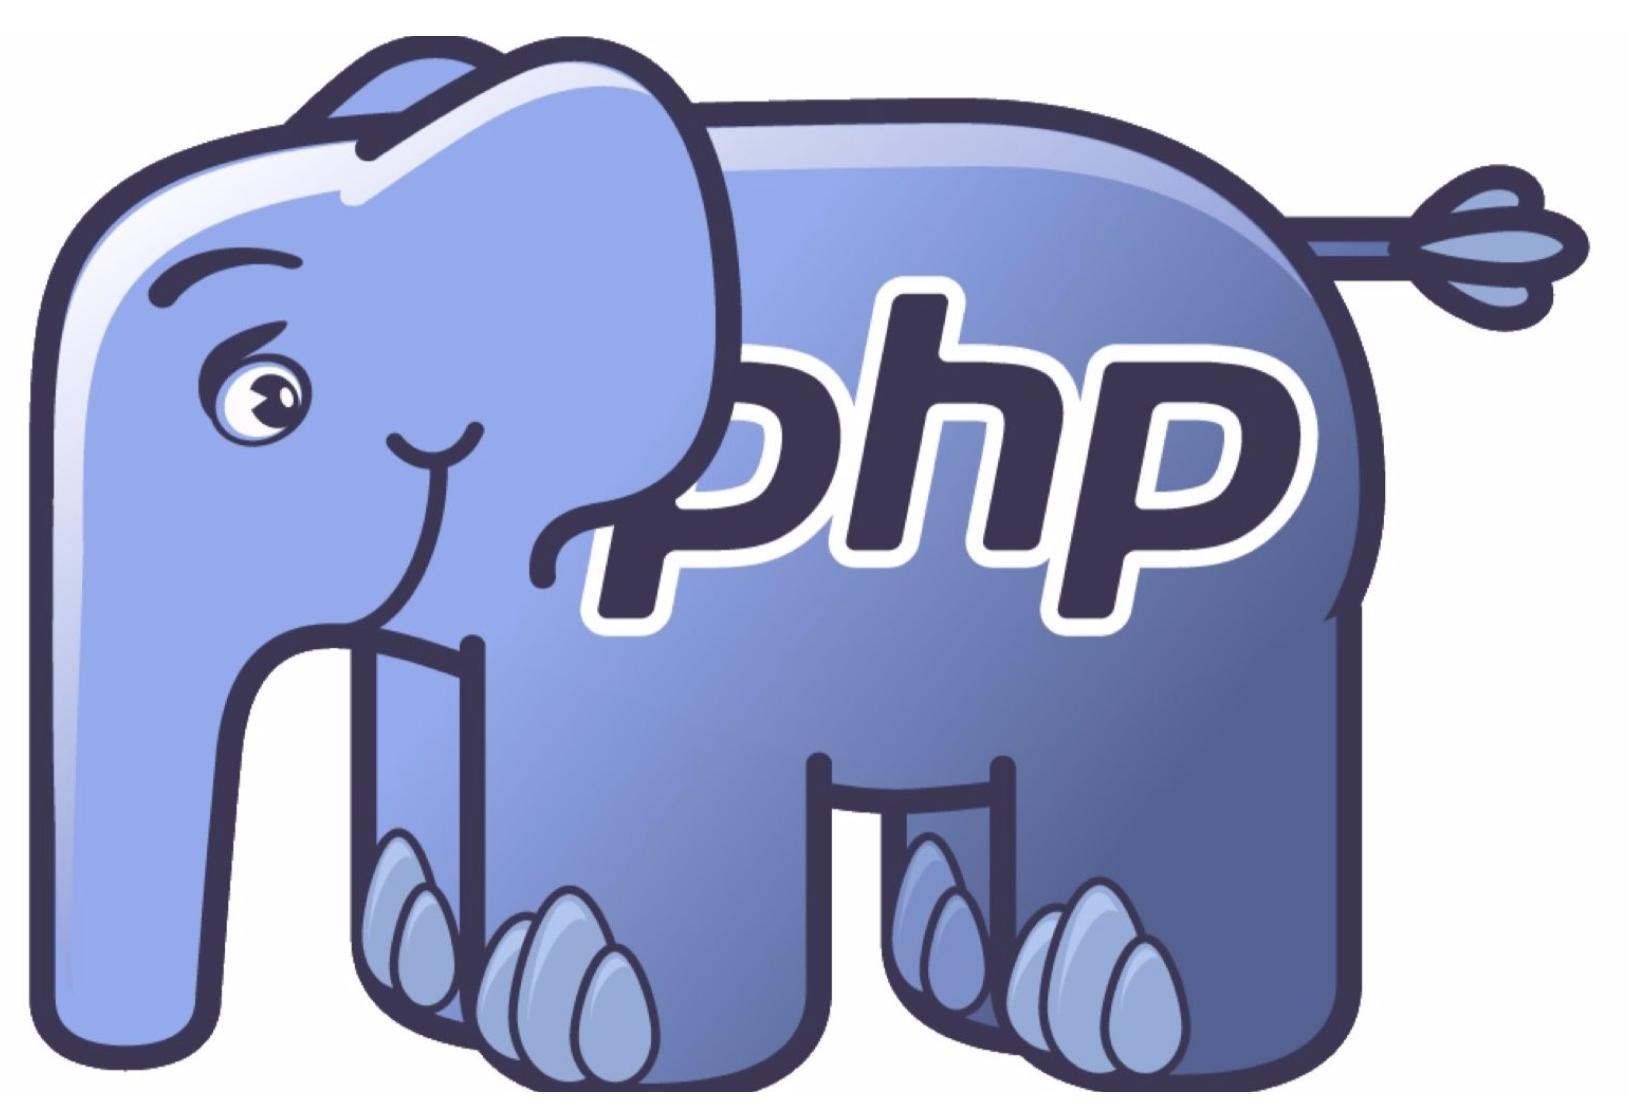 PHPWord api使用方法整理,加载模板文件,替换模板内容,动态表格生成,表格行数不定处理方式,复制表格,循环表格